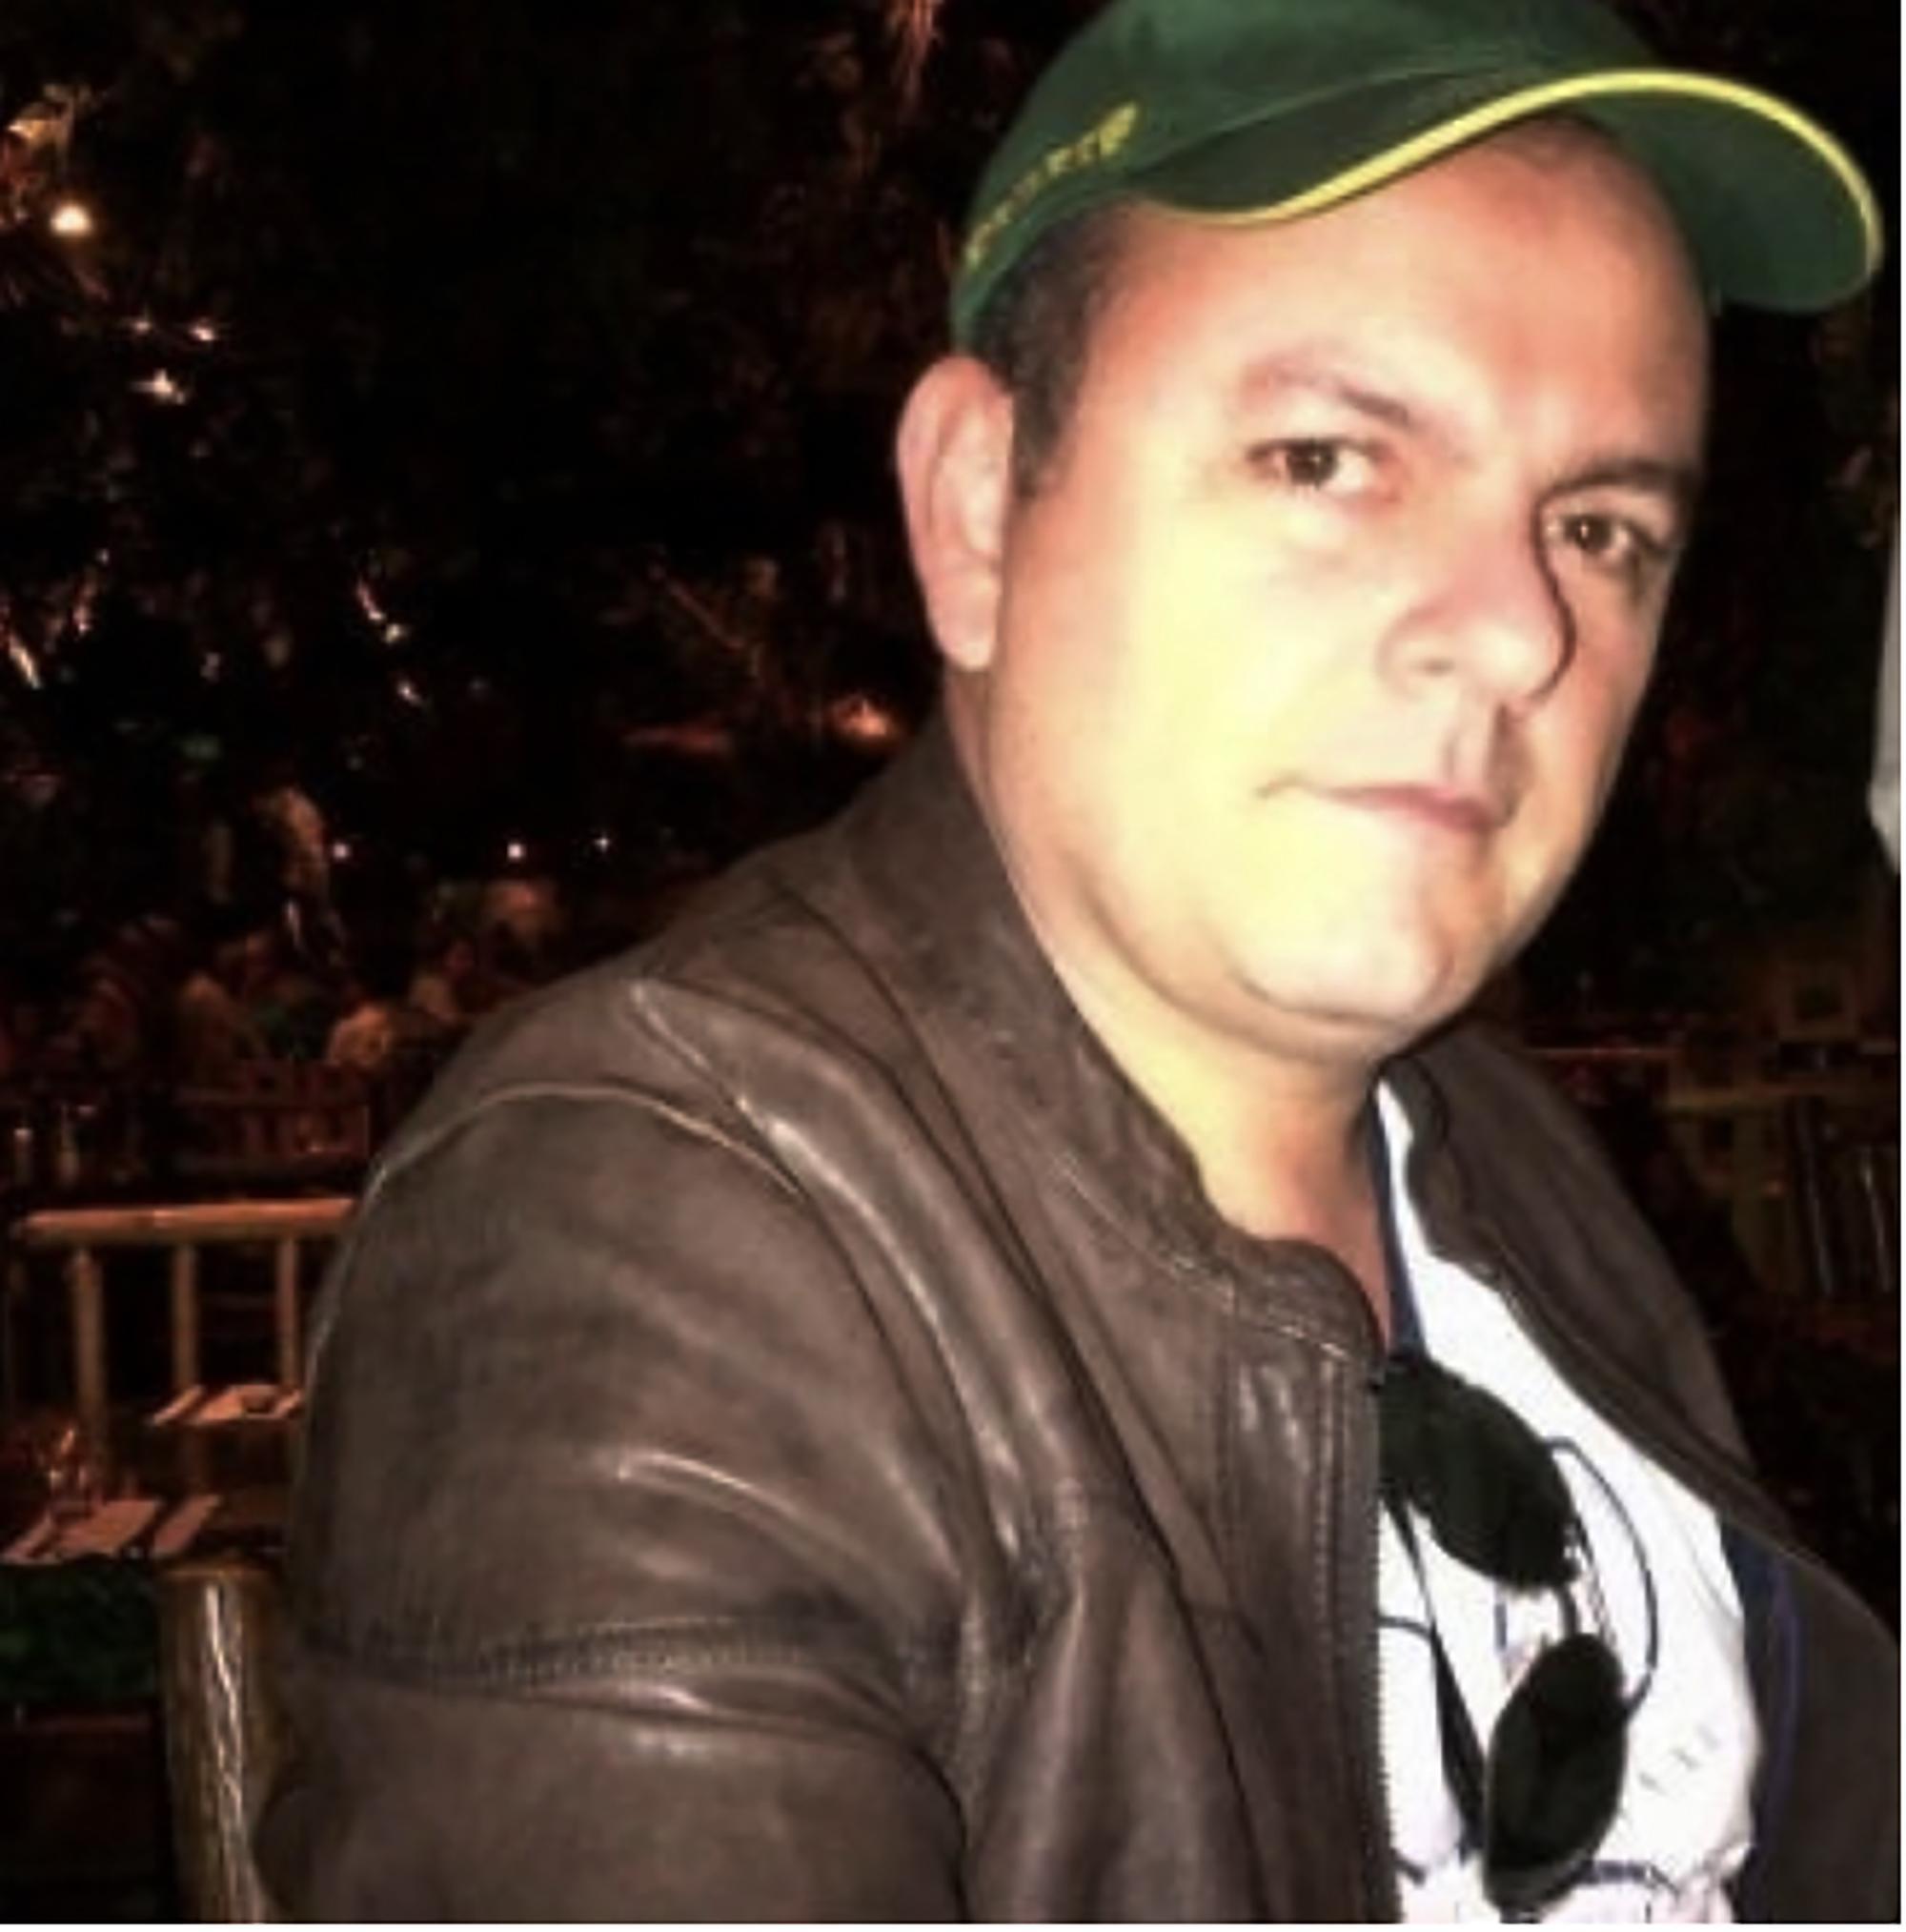 Imagen de referencia de Herbert Saca vides. El operador político, sin haber tenido ningún cargo dentro de la administración de su primo, Antonio Saca, aparece en un recibo de la Secretaría Privada por $20,000.